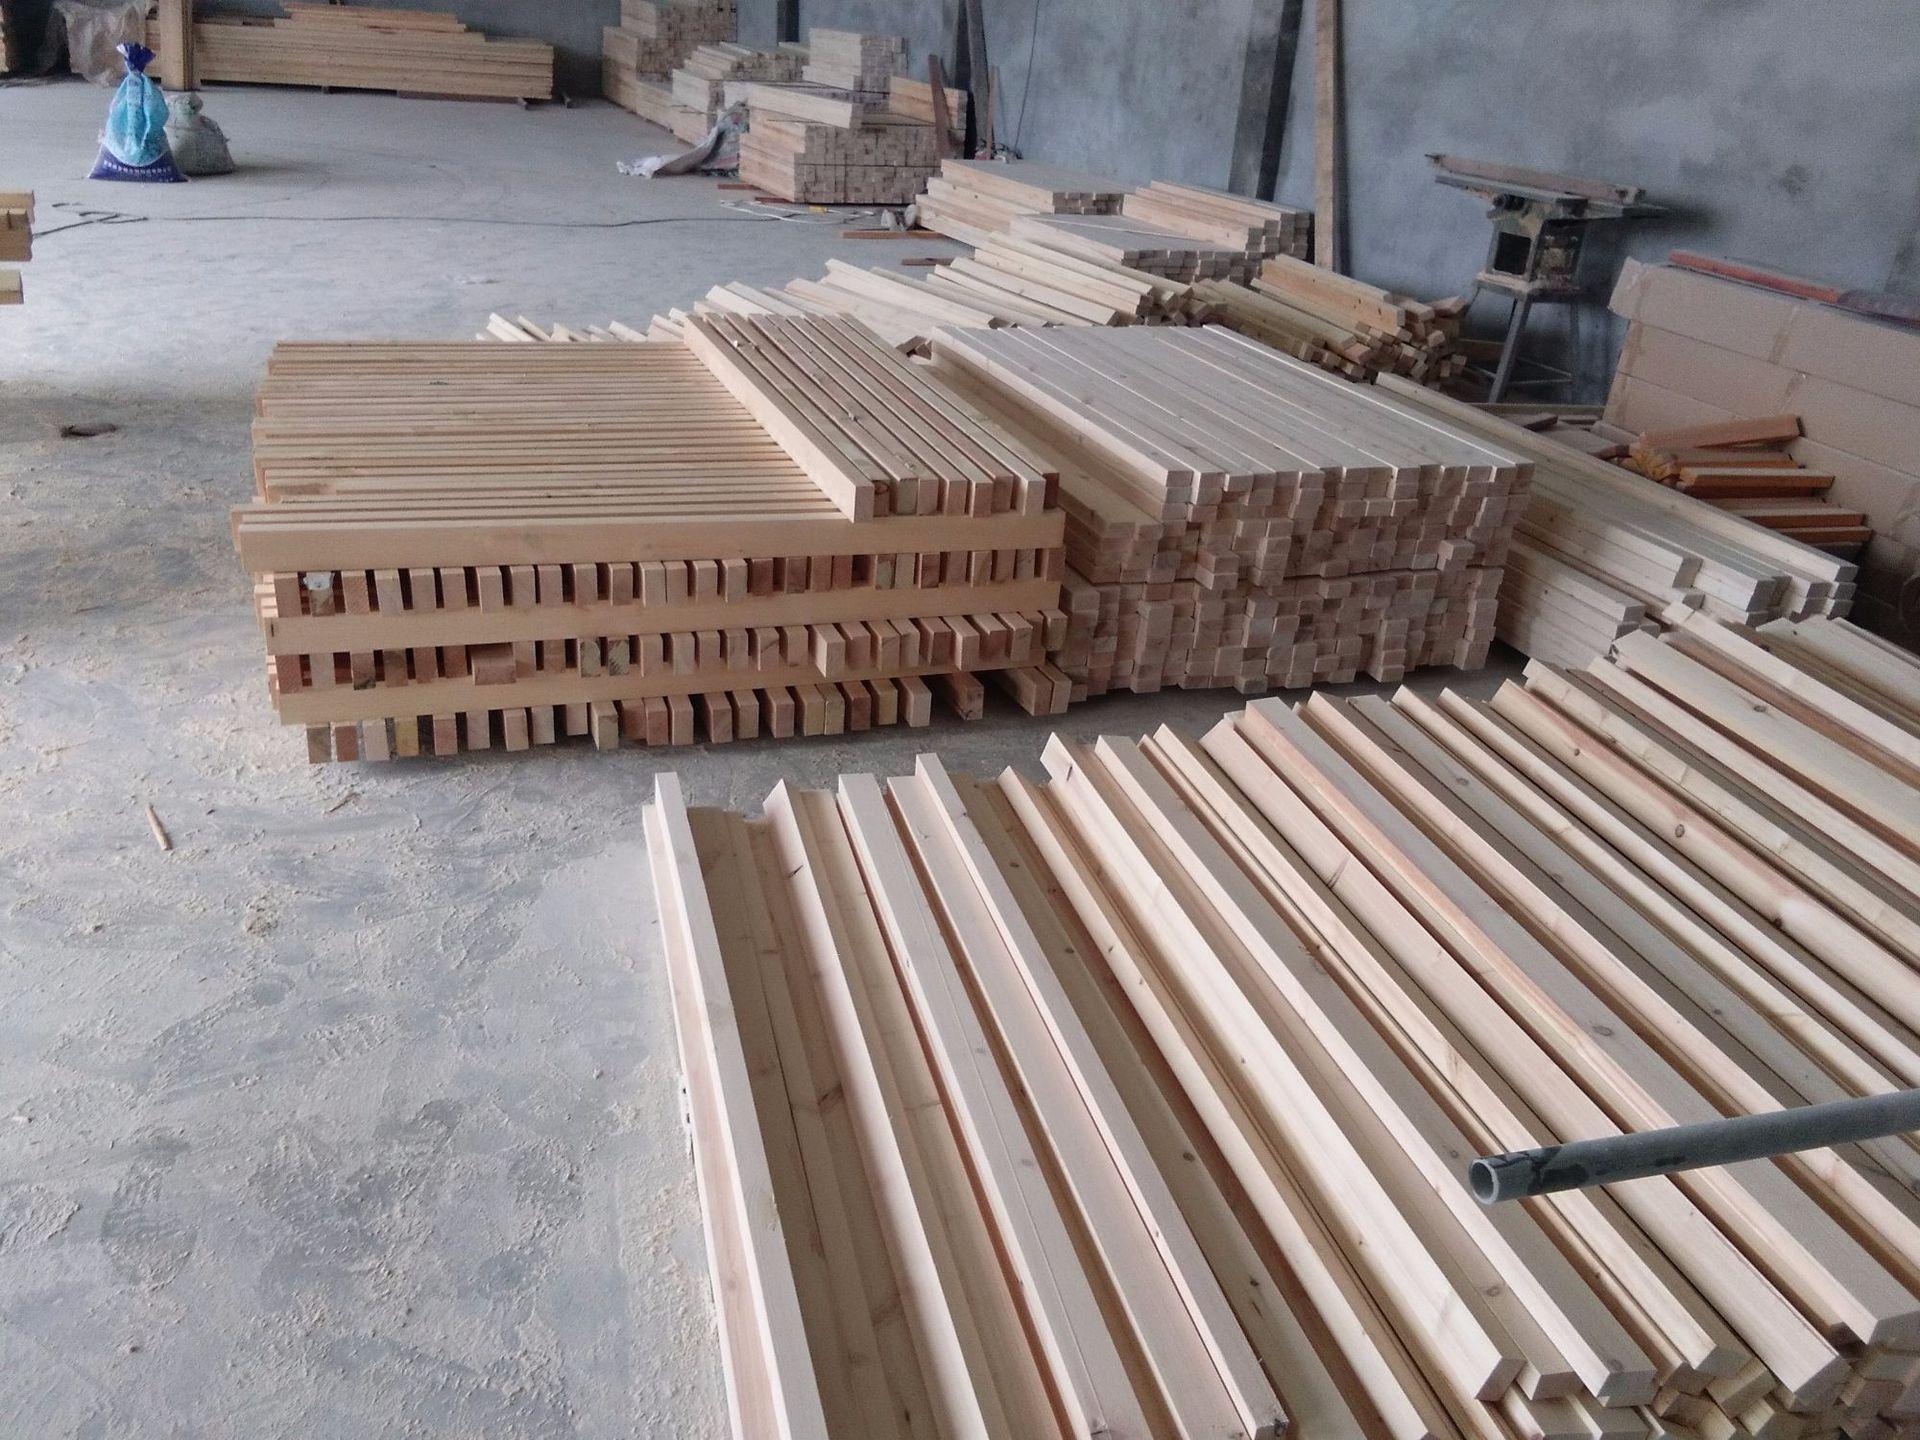 长期供应户外防腐木休闲椅 公园小区座椅 长椅 铸铁腿 实木 塑木示例图28